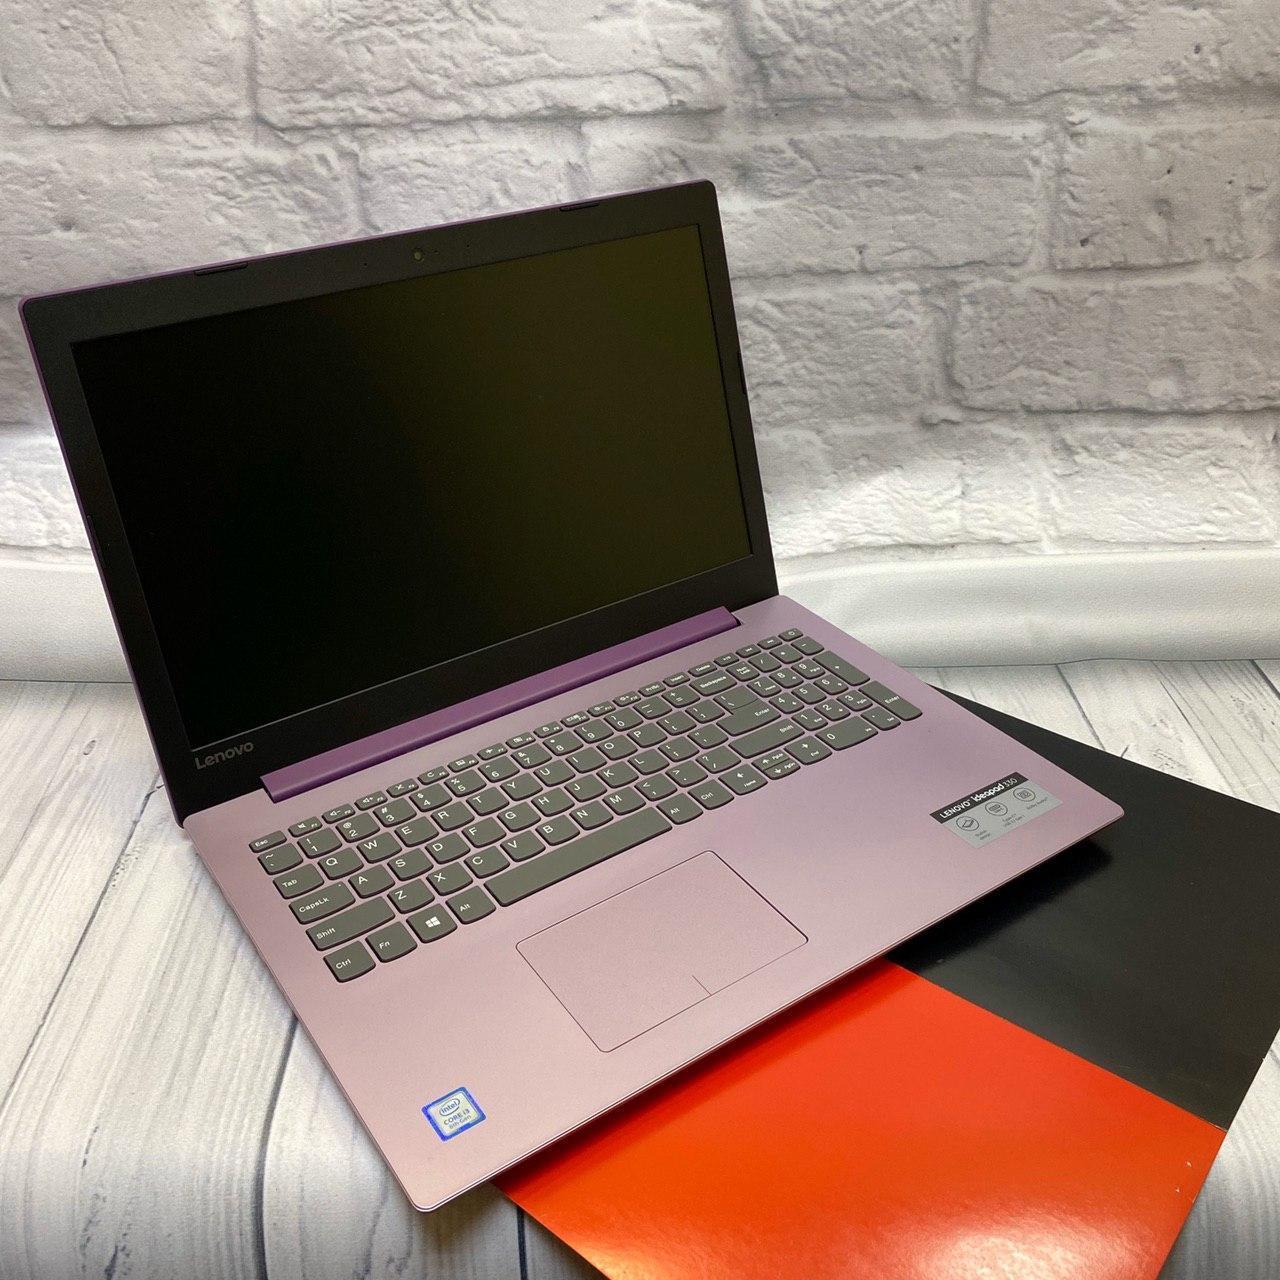 Ноутбук Lenovo 330 15(Intel Core i3-8130U/4x3.40 Ghz/ 8Gb DDR4/SSD 240Gb/HD 620)